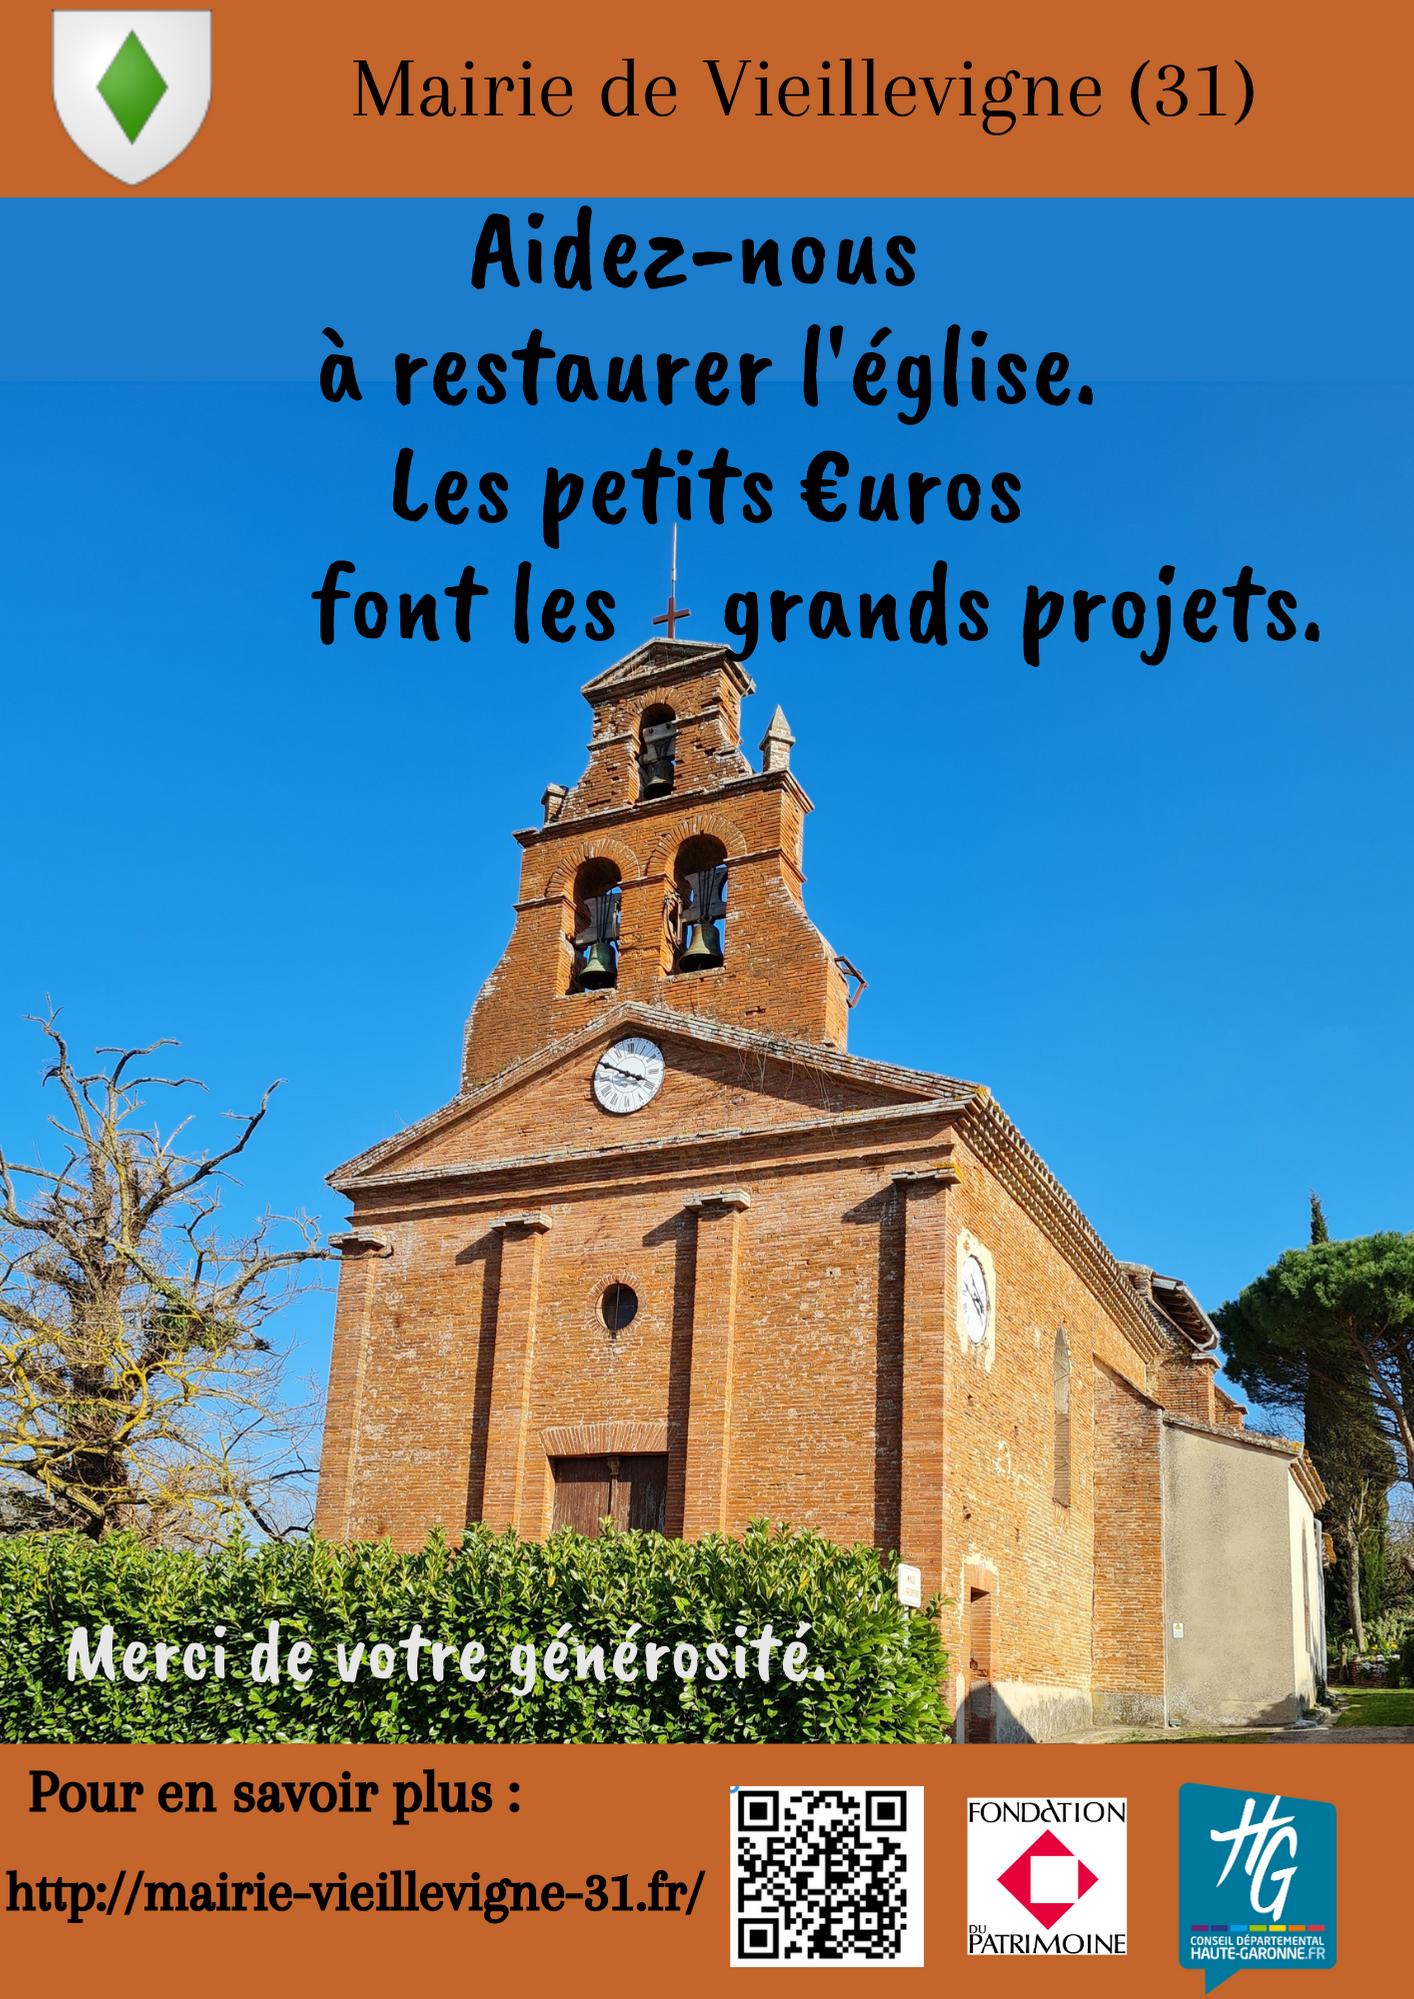 Aidez-nous à restaurer l'église de Vieillevigne (31)